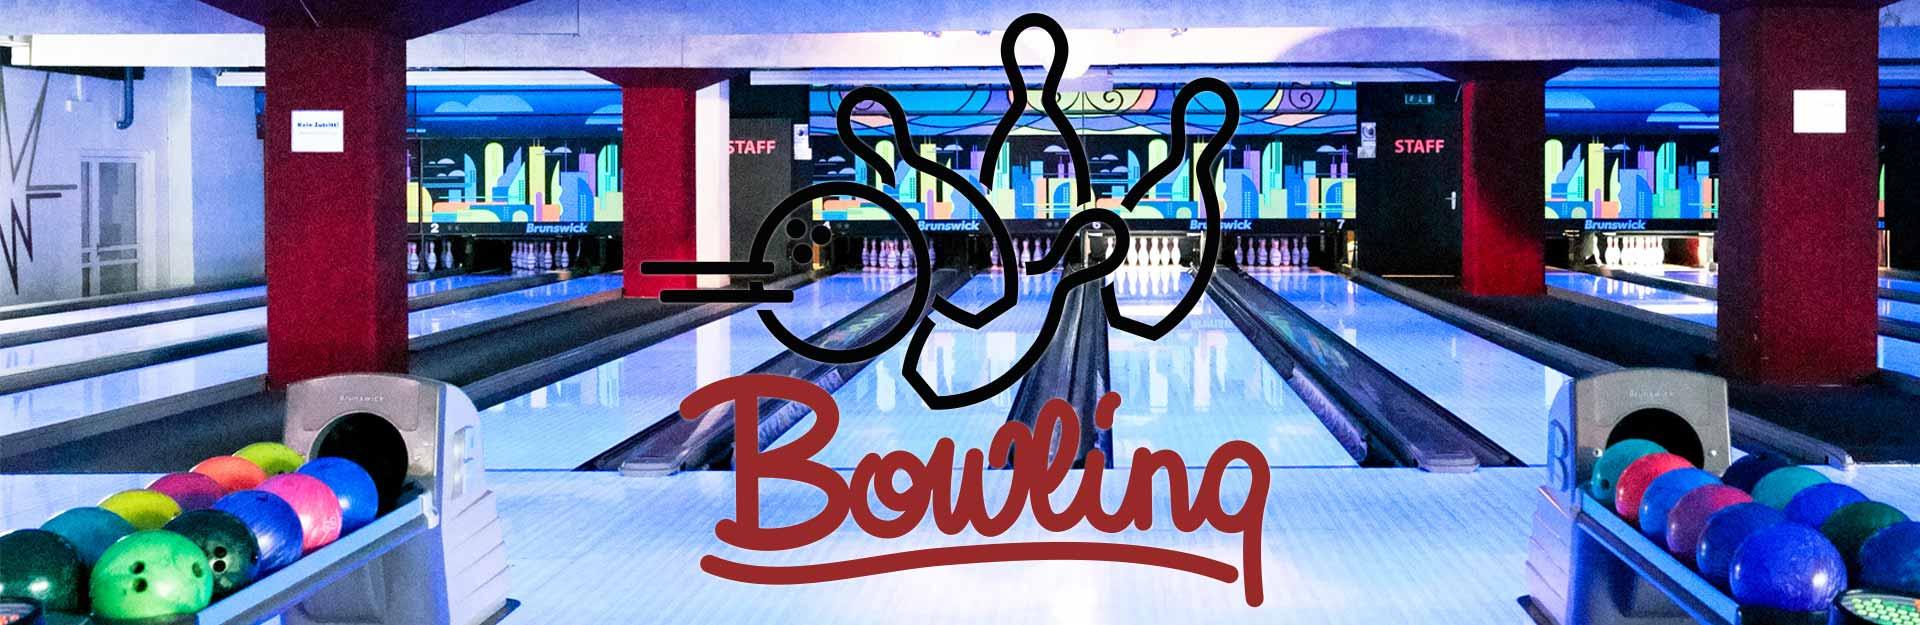 bowling_bn_05